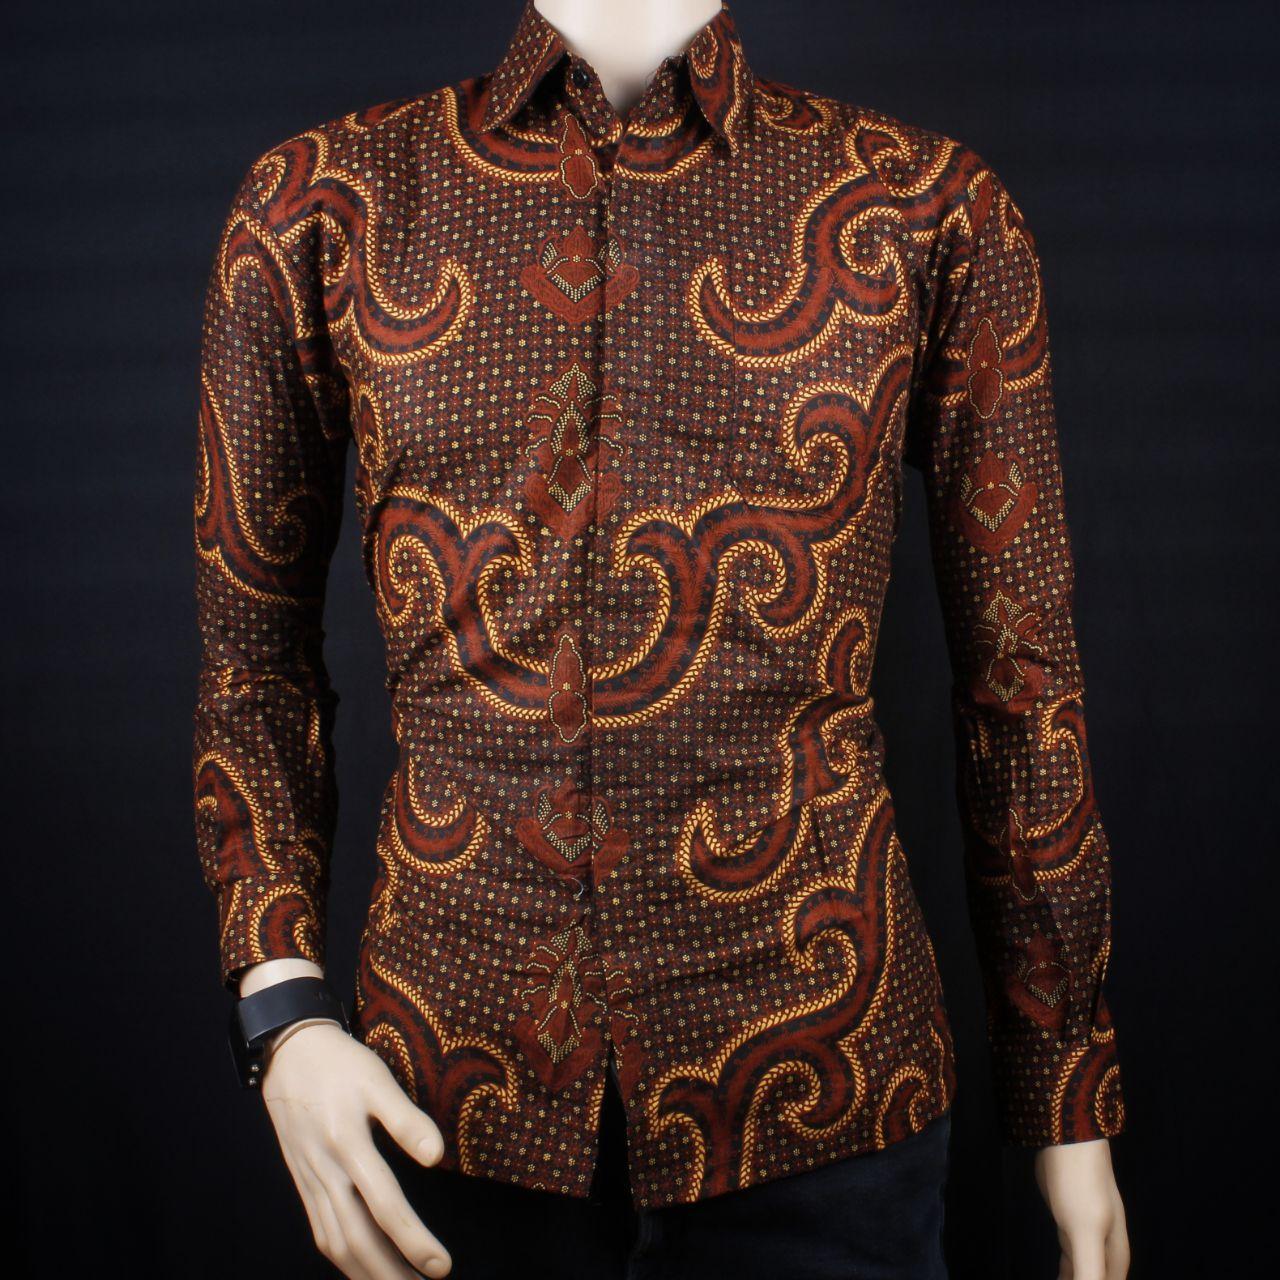 Baju Batik Pria Lengan Panjang   Kemeja Batik Pria Lengan Panjang Casual  Modern   Azka Batik 19cbc6fac9